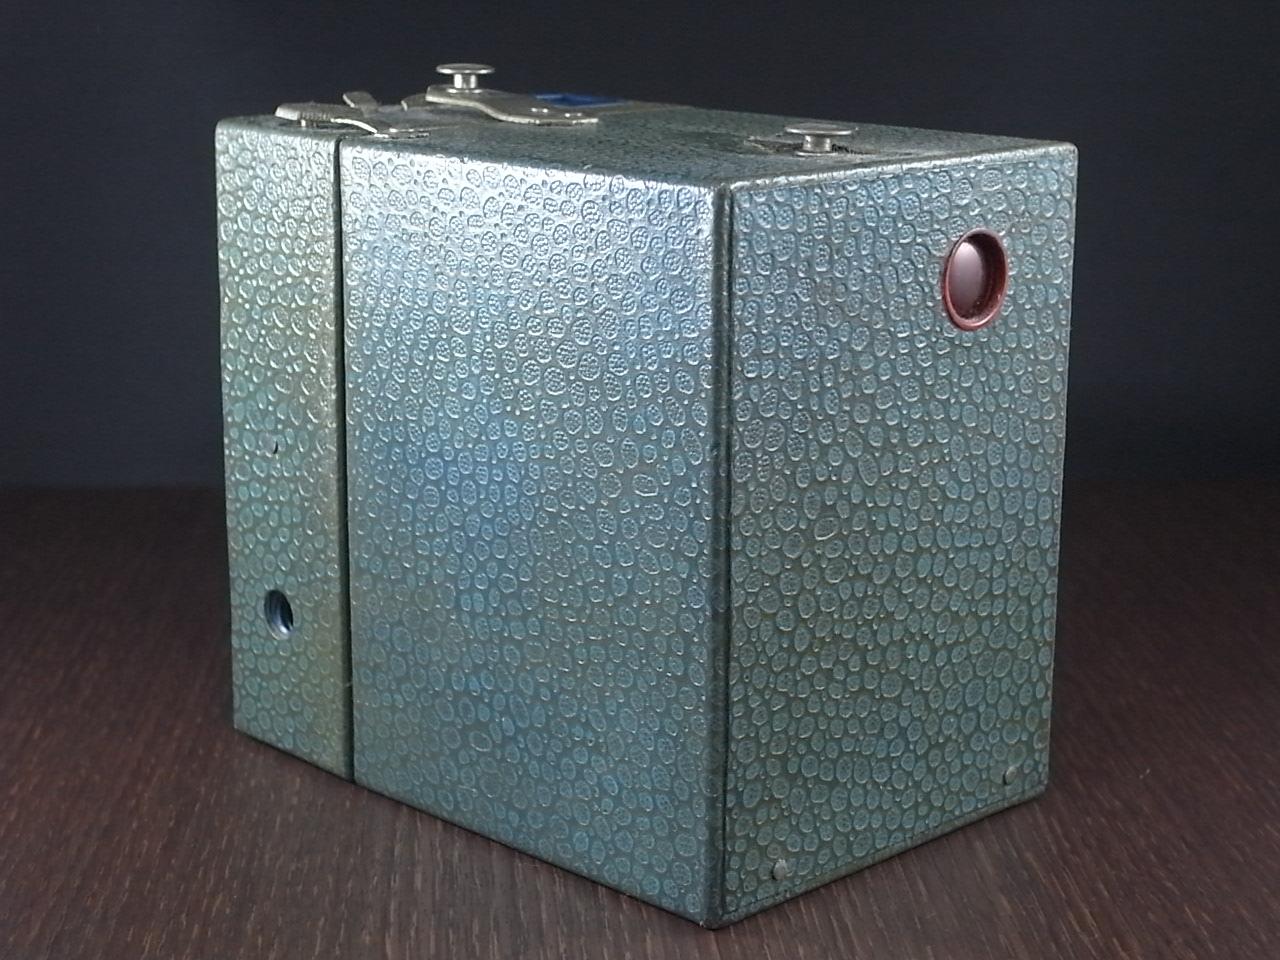 コダック No.2 ブローニー アールデコカメラ ブルーの写真3枚目